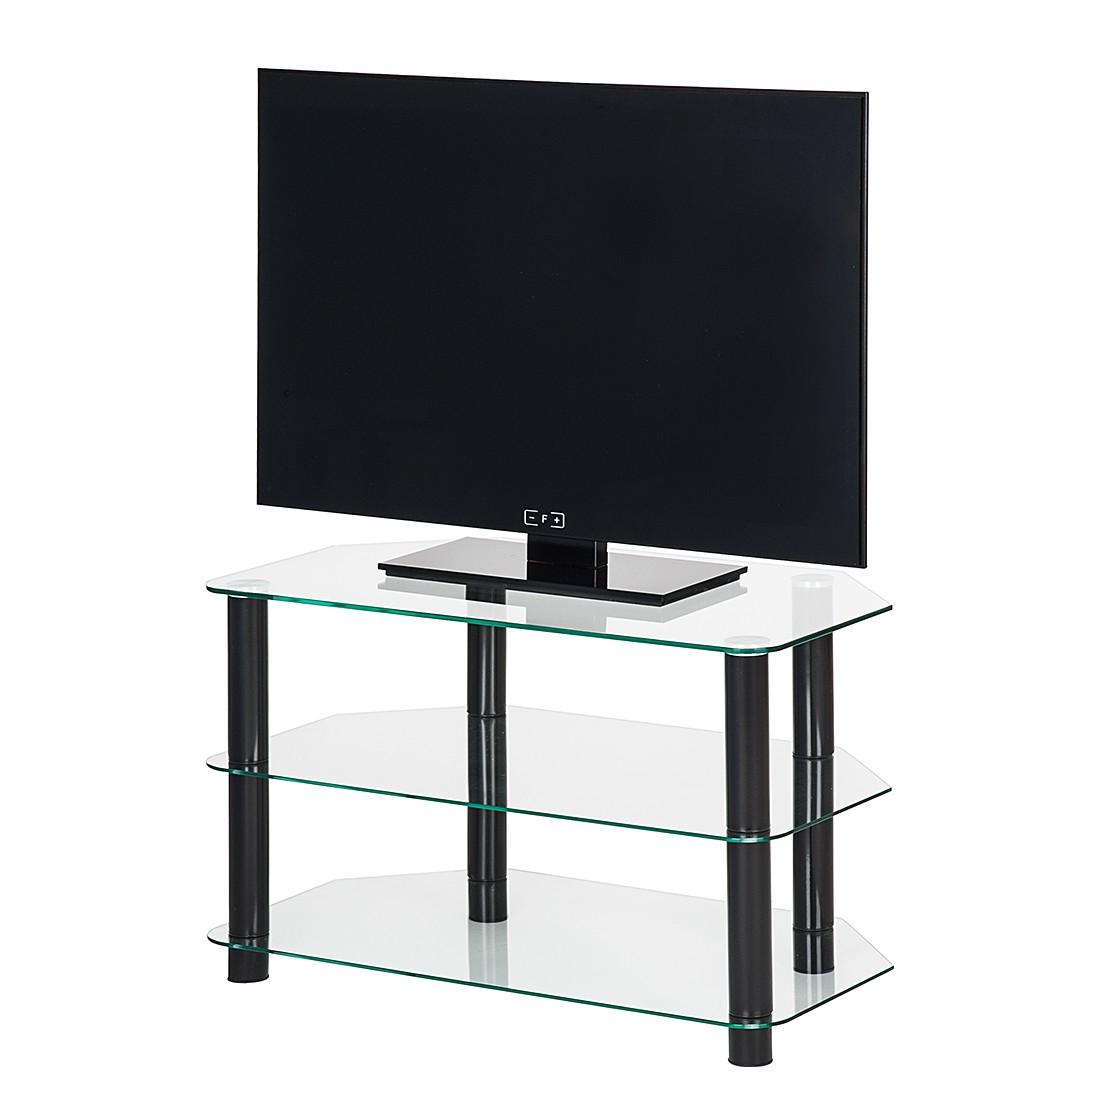 Meuble tv petit meuble tv petit meuble tv trouvez petit for Meuble tv petite dimension